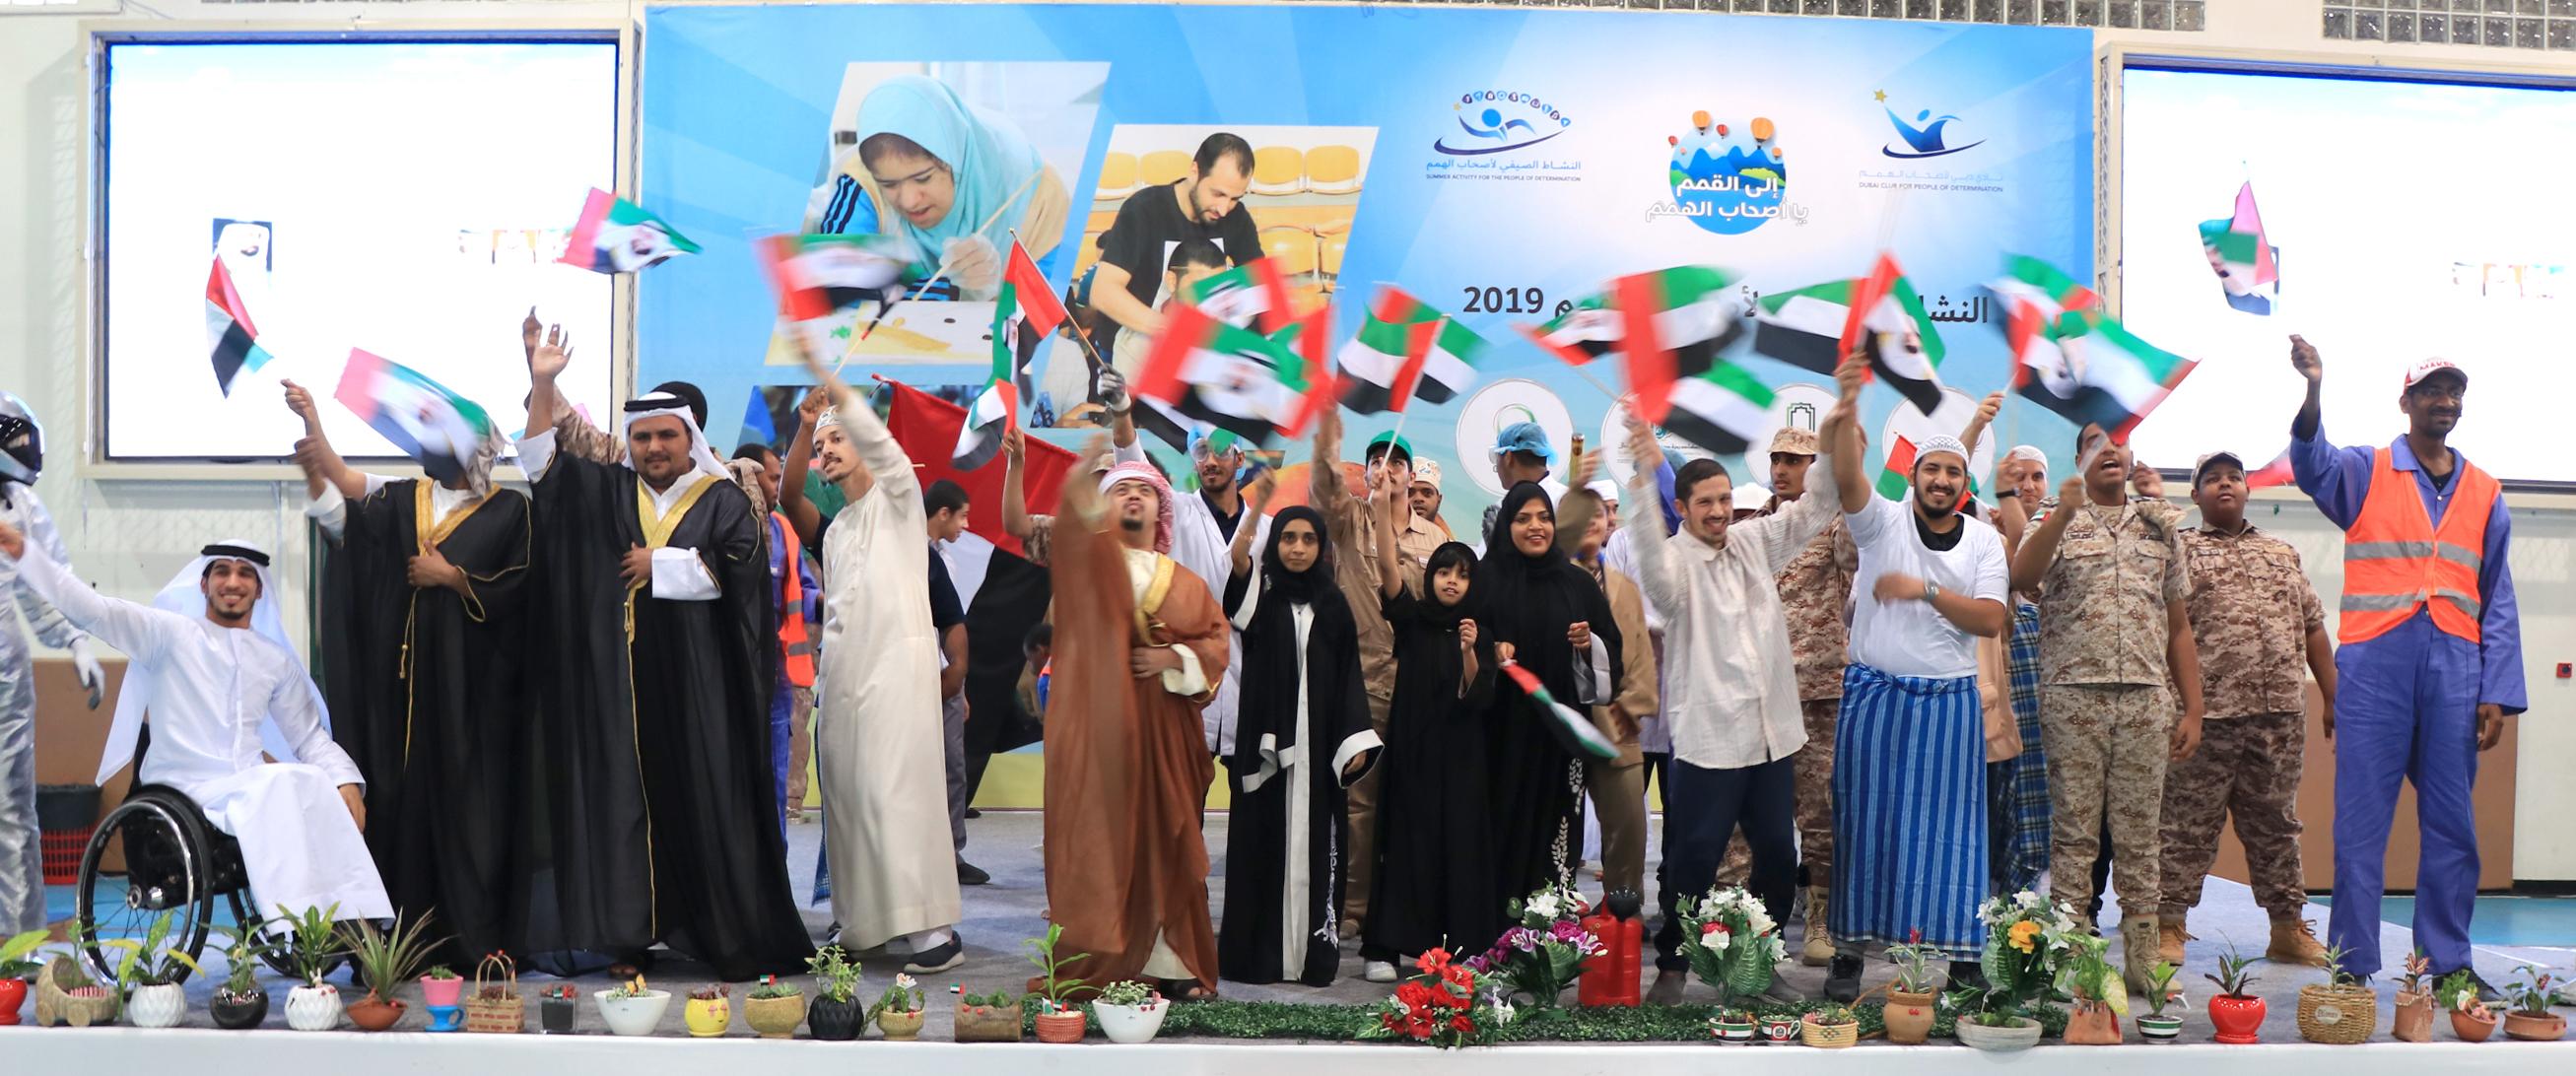 """نادي دبي لأصحاب الهمم يختتم """"نشاط أصحاب الهمم"""" ب""""أوبريت الوطن"""""""